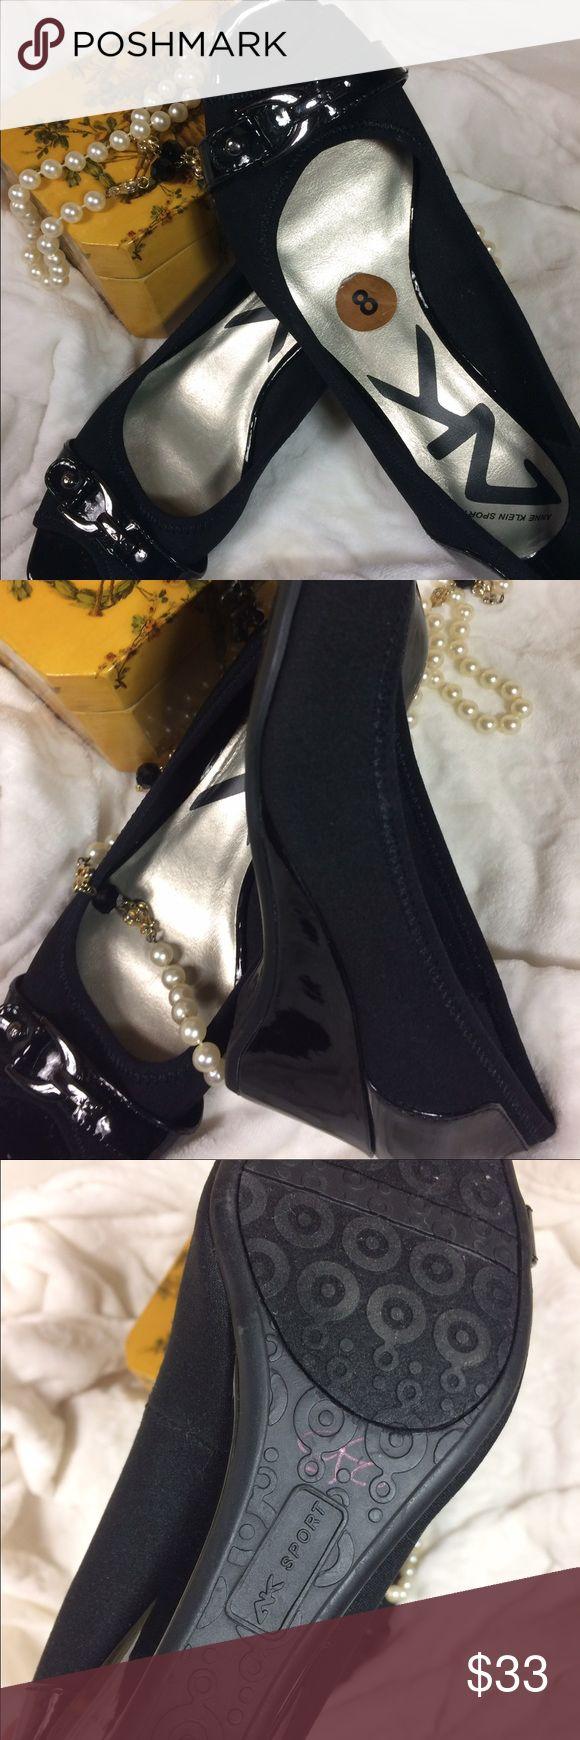 Anne Klein Sport Trury black peep toe wedge. Anne Klein Sport size 8. New but without original box. Anne Klein Shoes Wedges